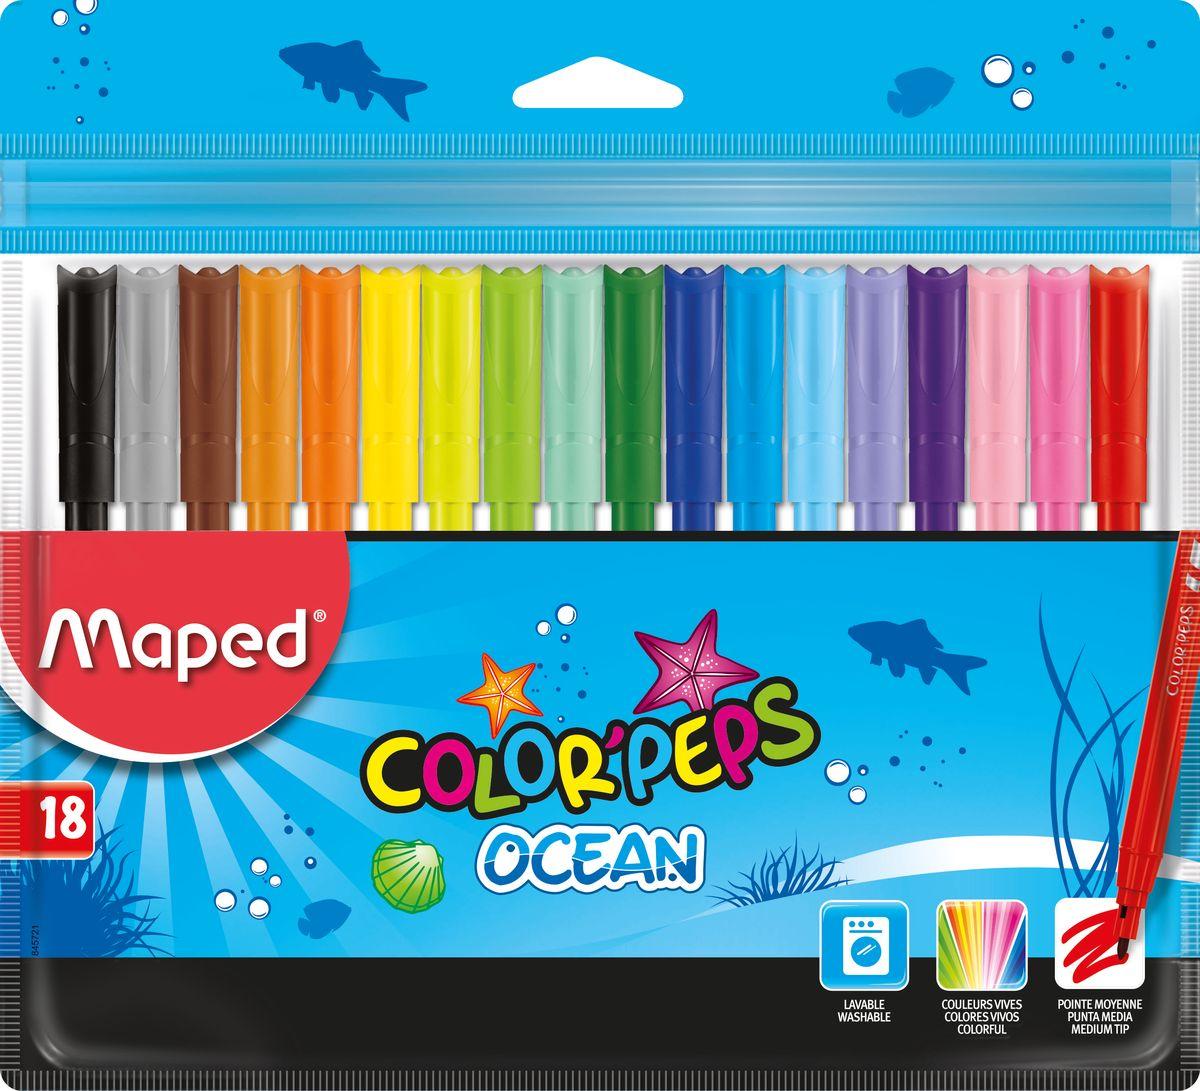 Maped Набор фломастеров Colorpeps Ocean 18 цветов -  Фломастеры